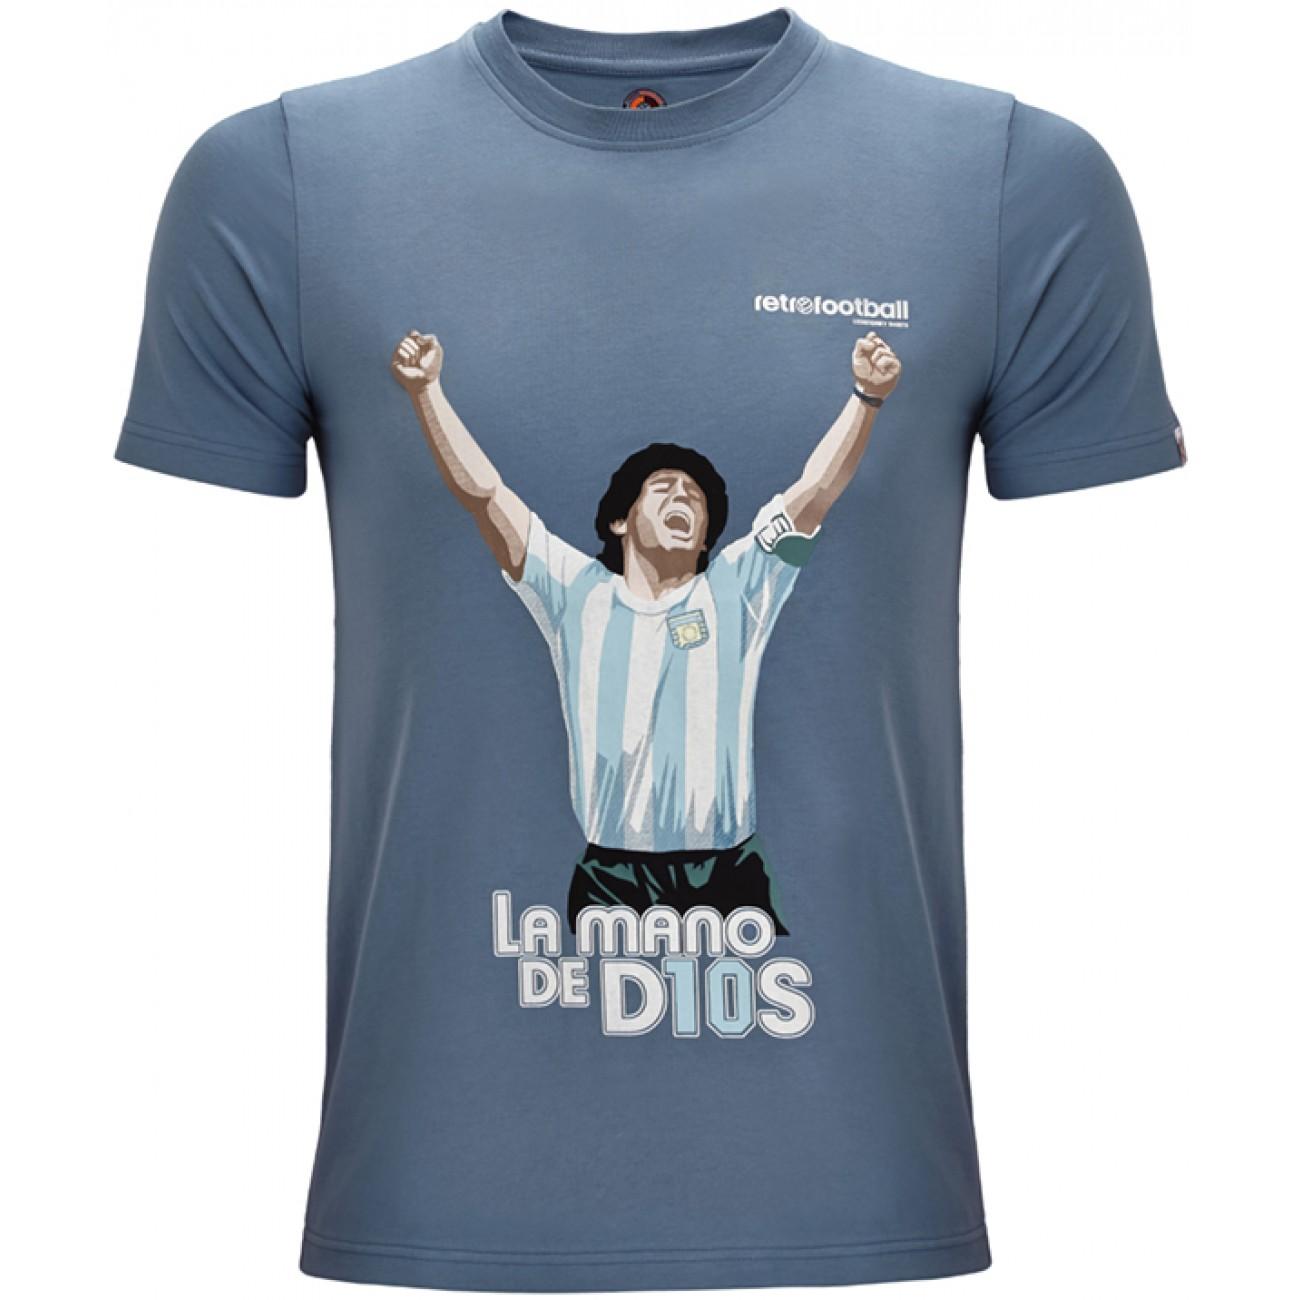 Maillot Maradona La Mano de D10S